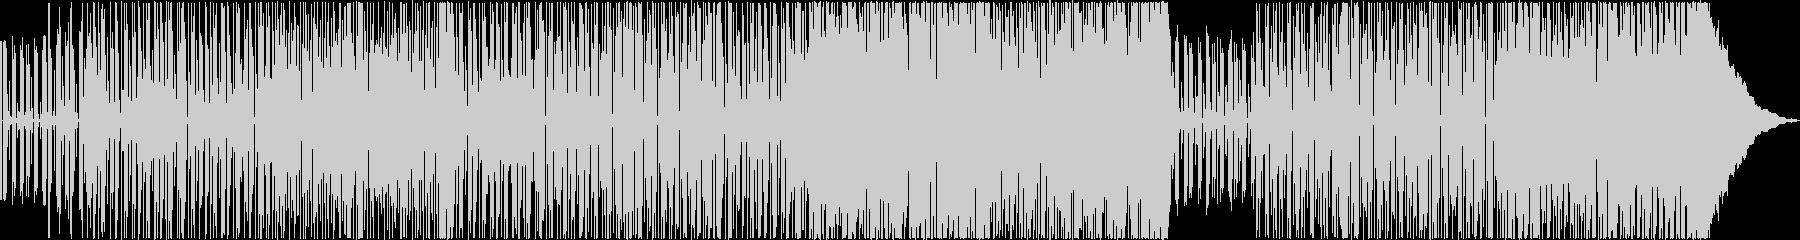 軽快なエレキギターのゆったりめのBGMの未再生の波形